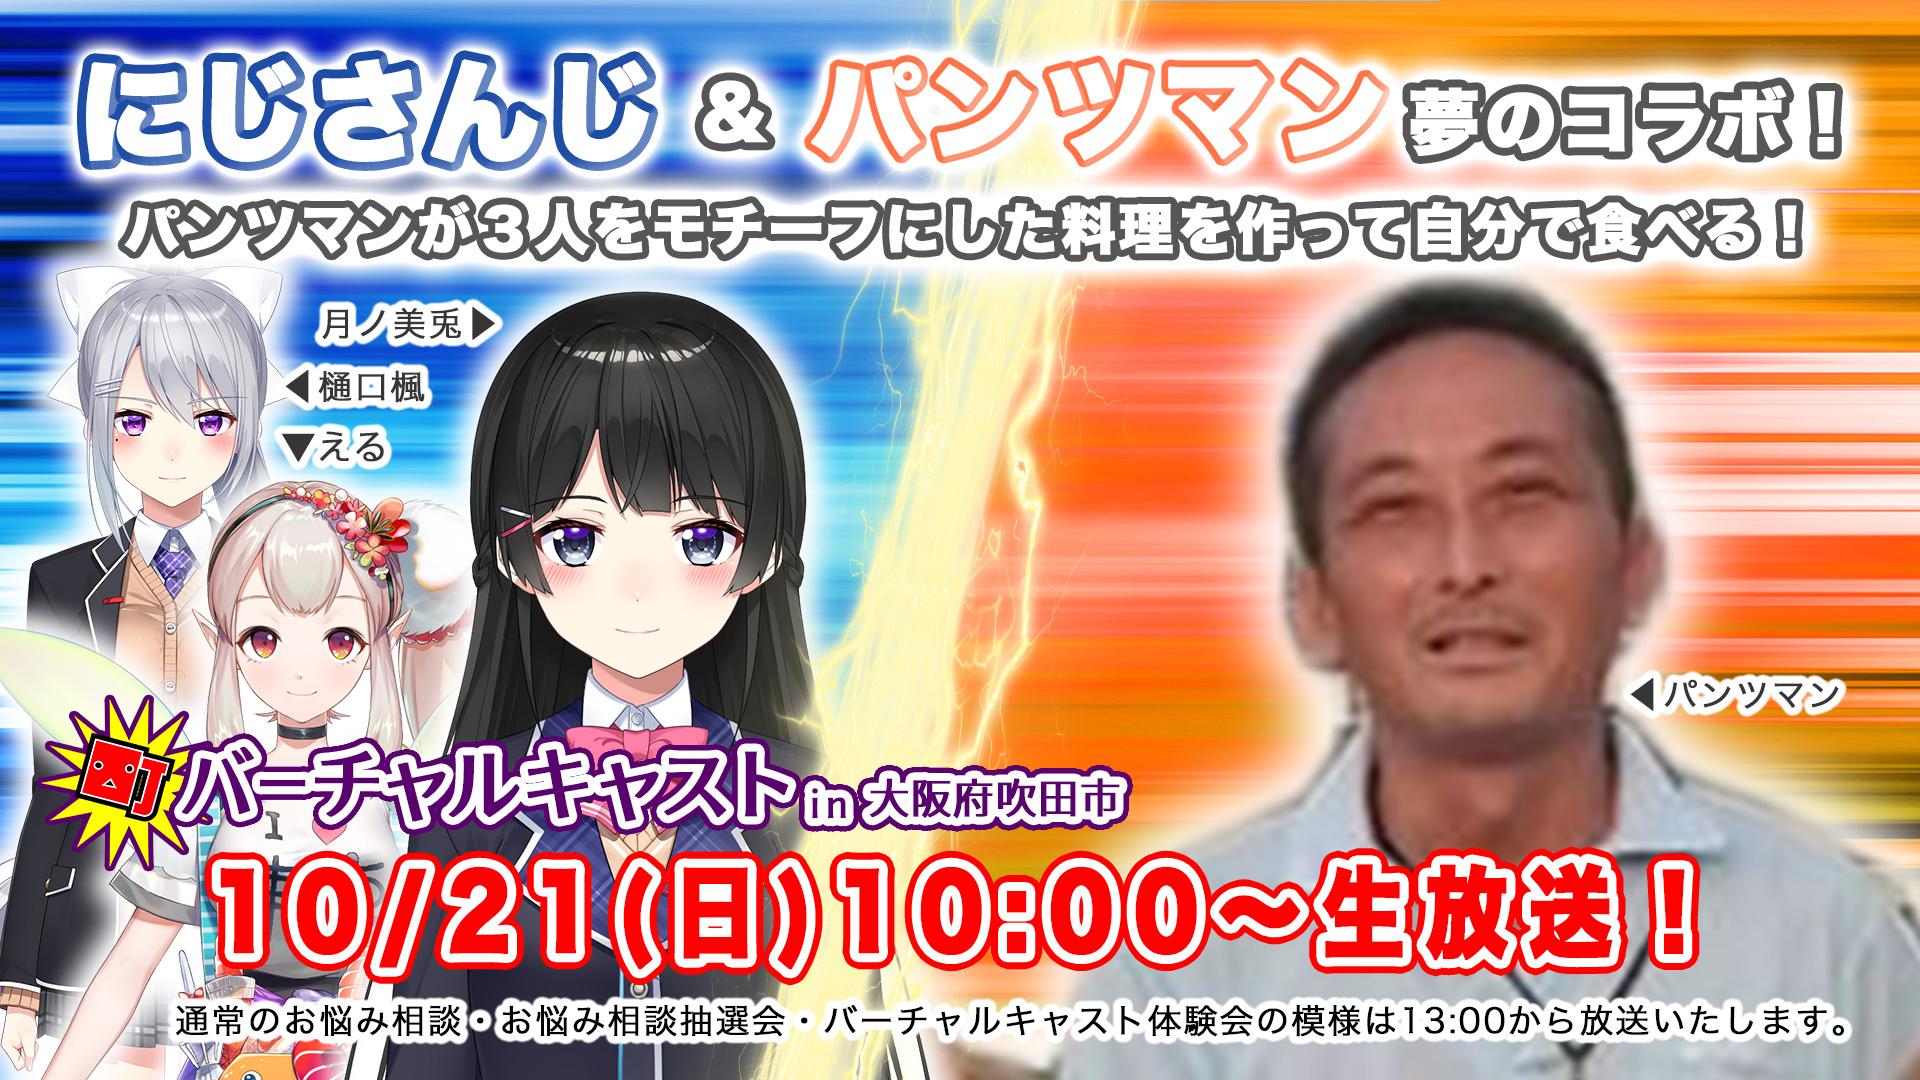 パンツマン月ノ美兎樋口楓える大阪町会議で夢のコラボ